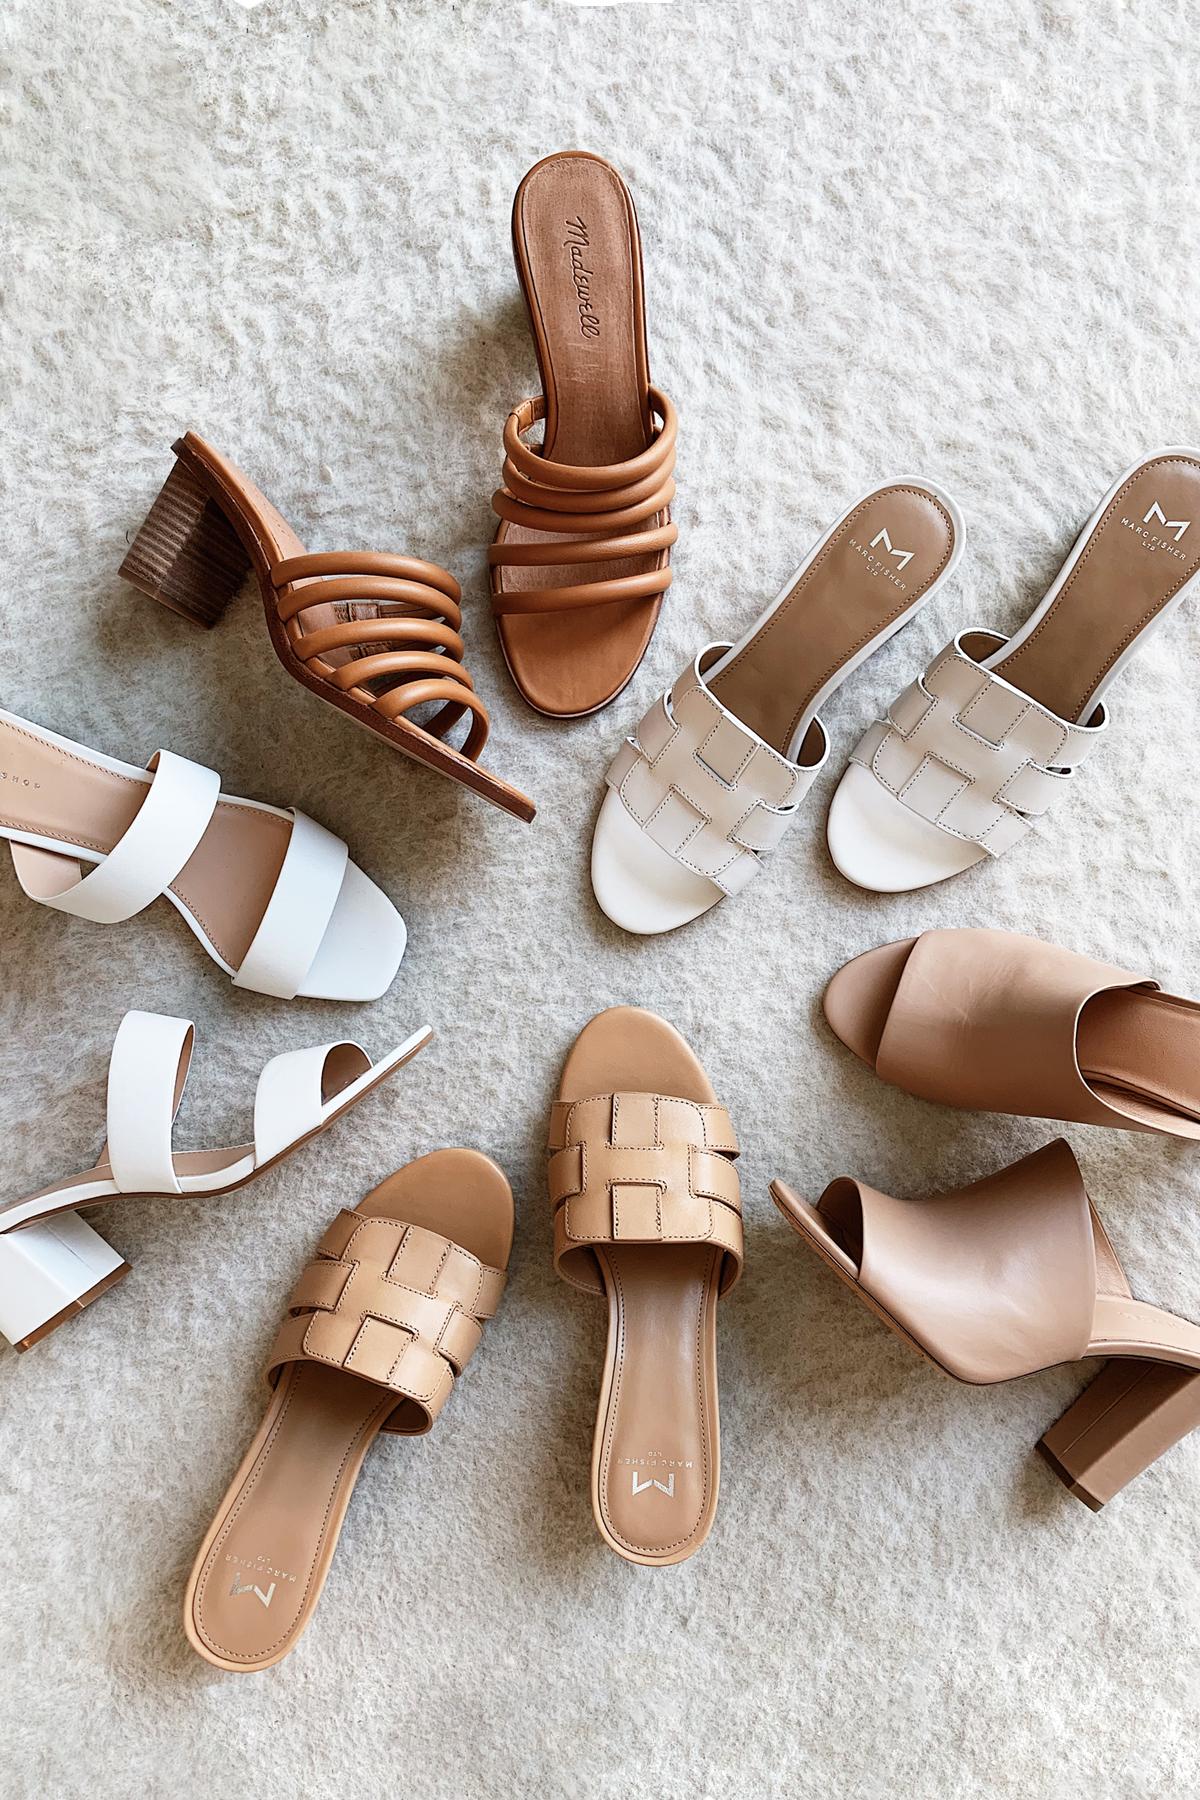 Nordstrom Summer Sandals